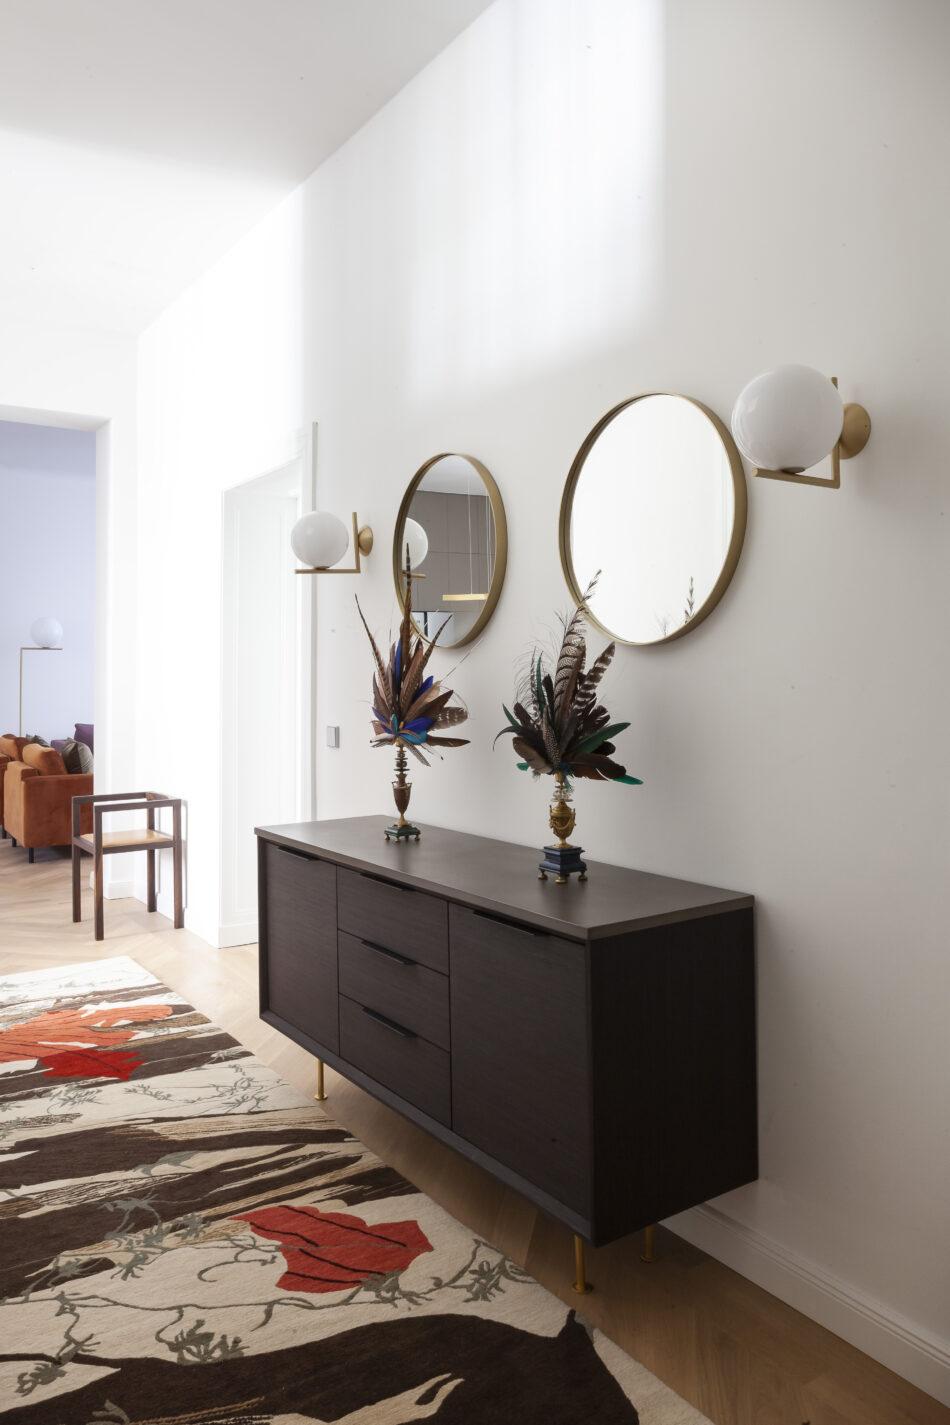 Antonius Schimmelbusch_Apartment_Berlin_Anne-Catherine Scoffoni_privat_18